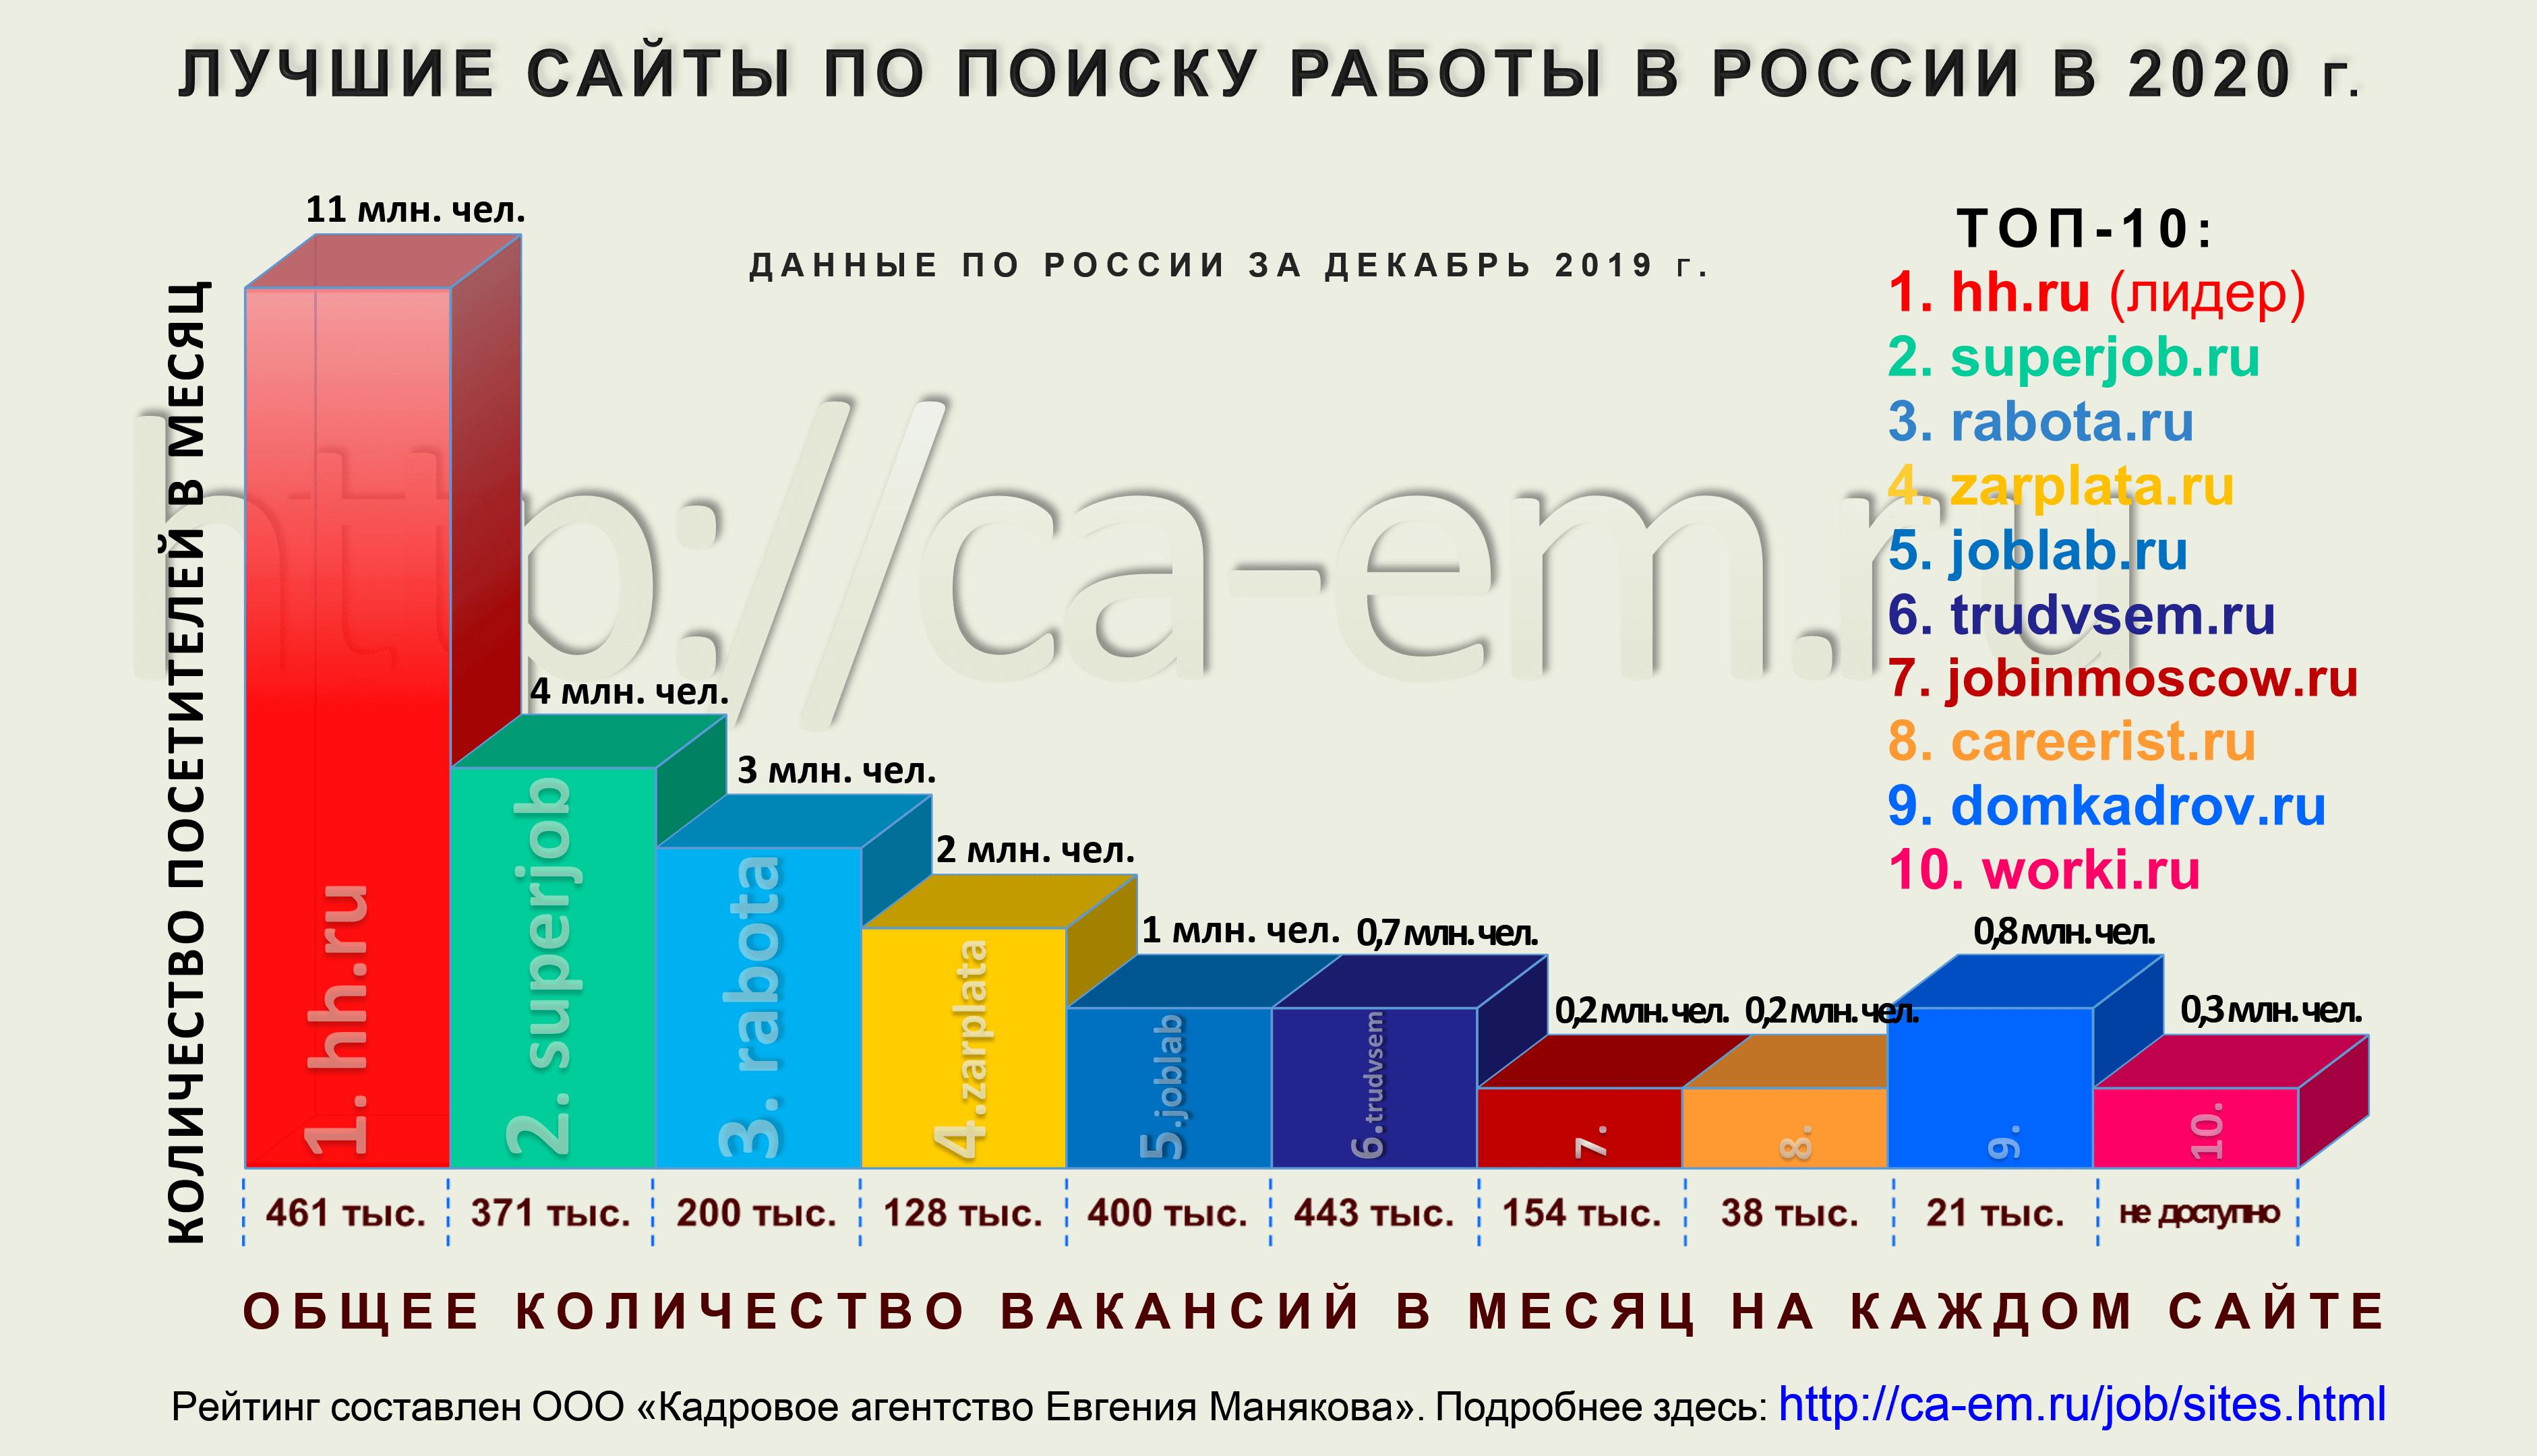 Лучшие сайты поиска работы в России. ТОП-10